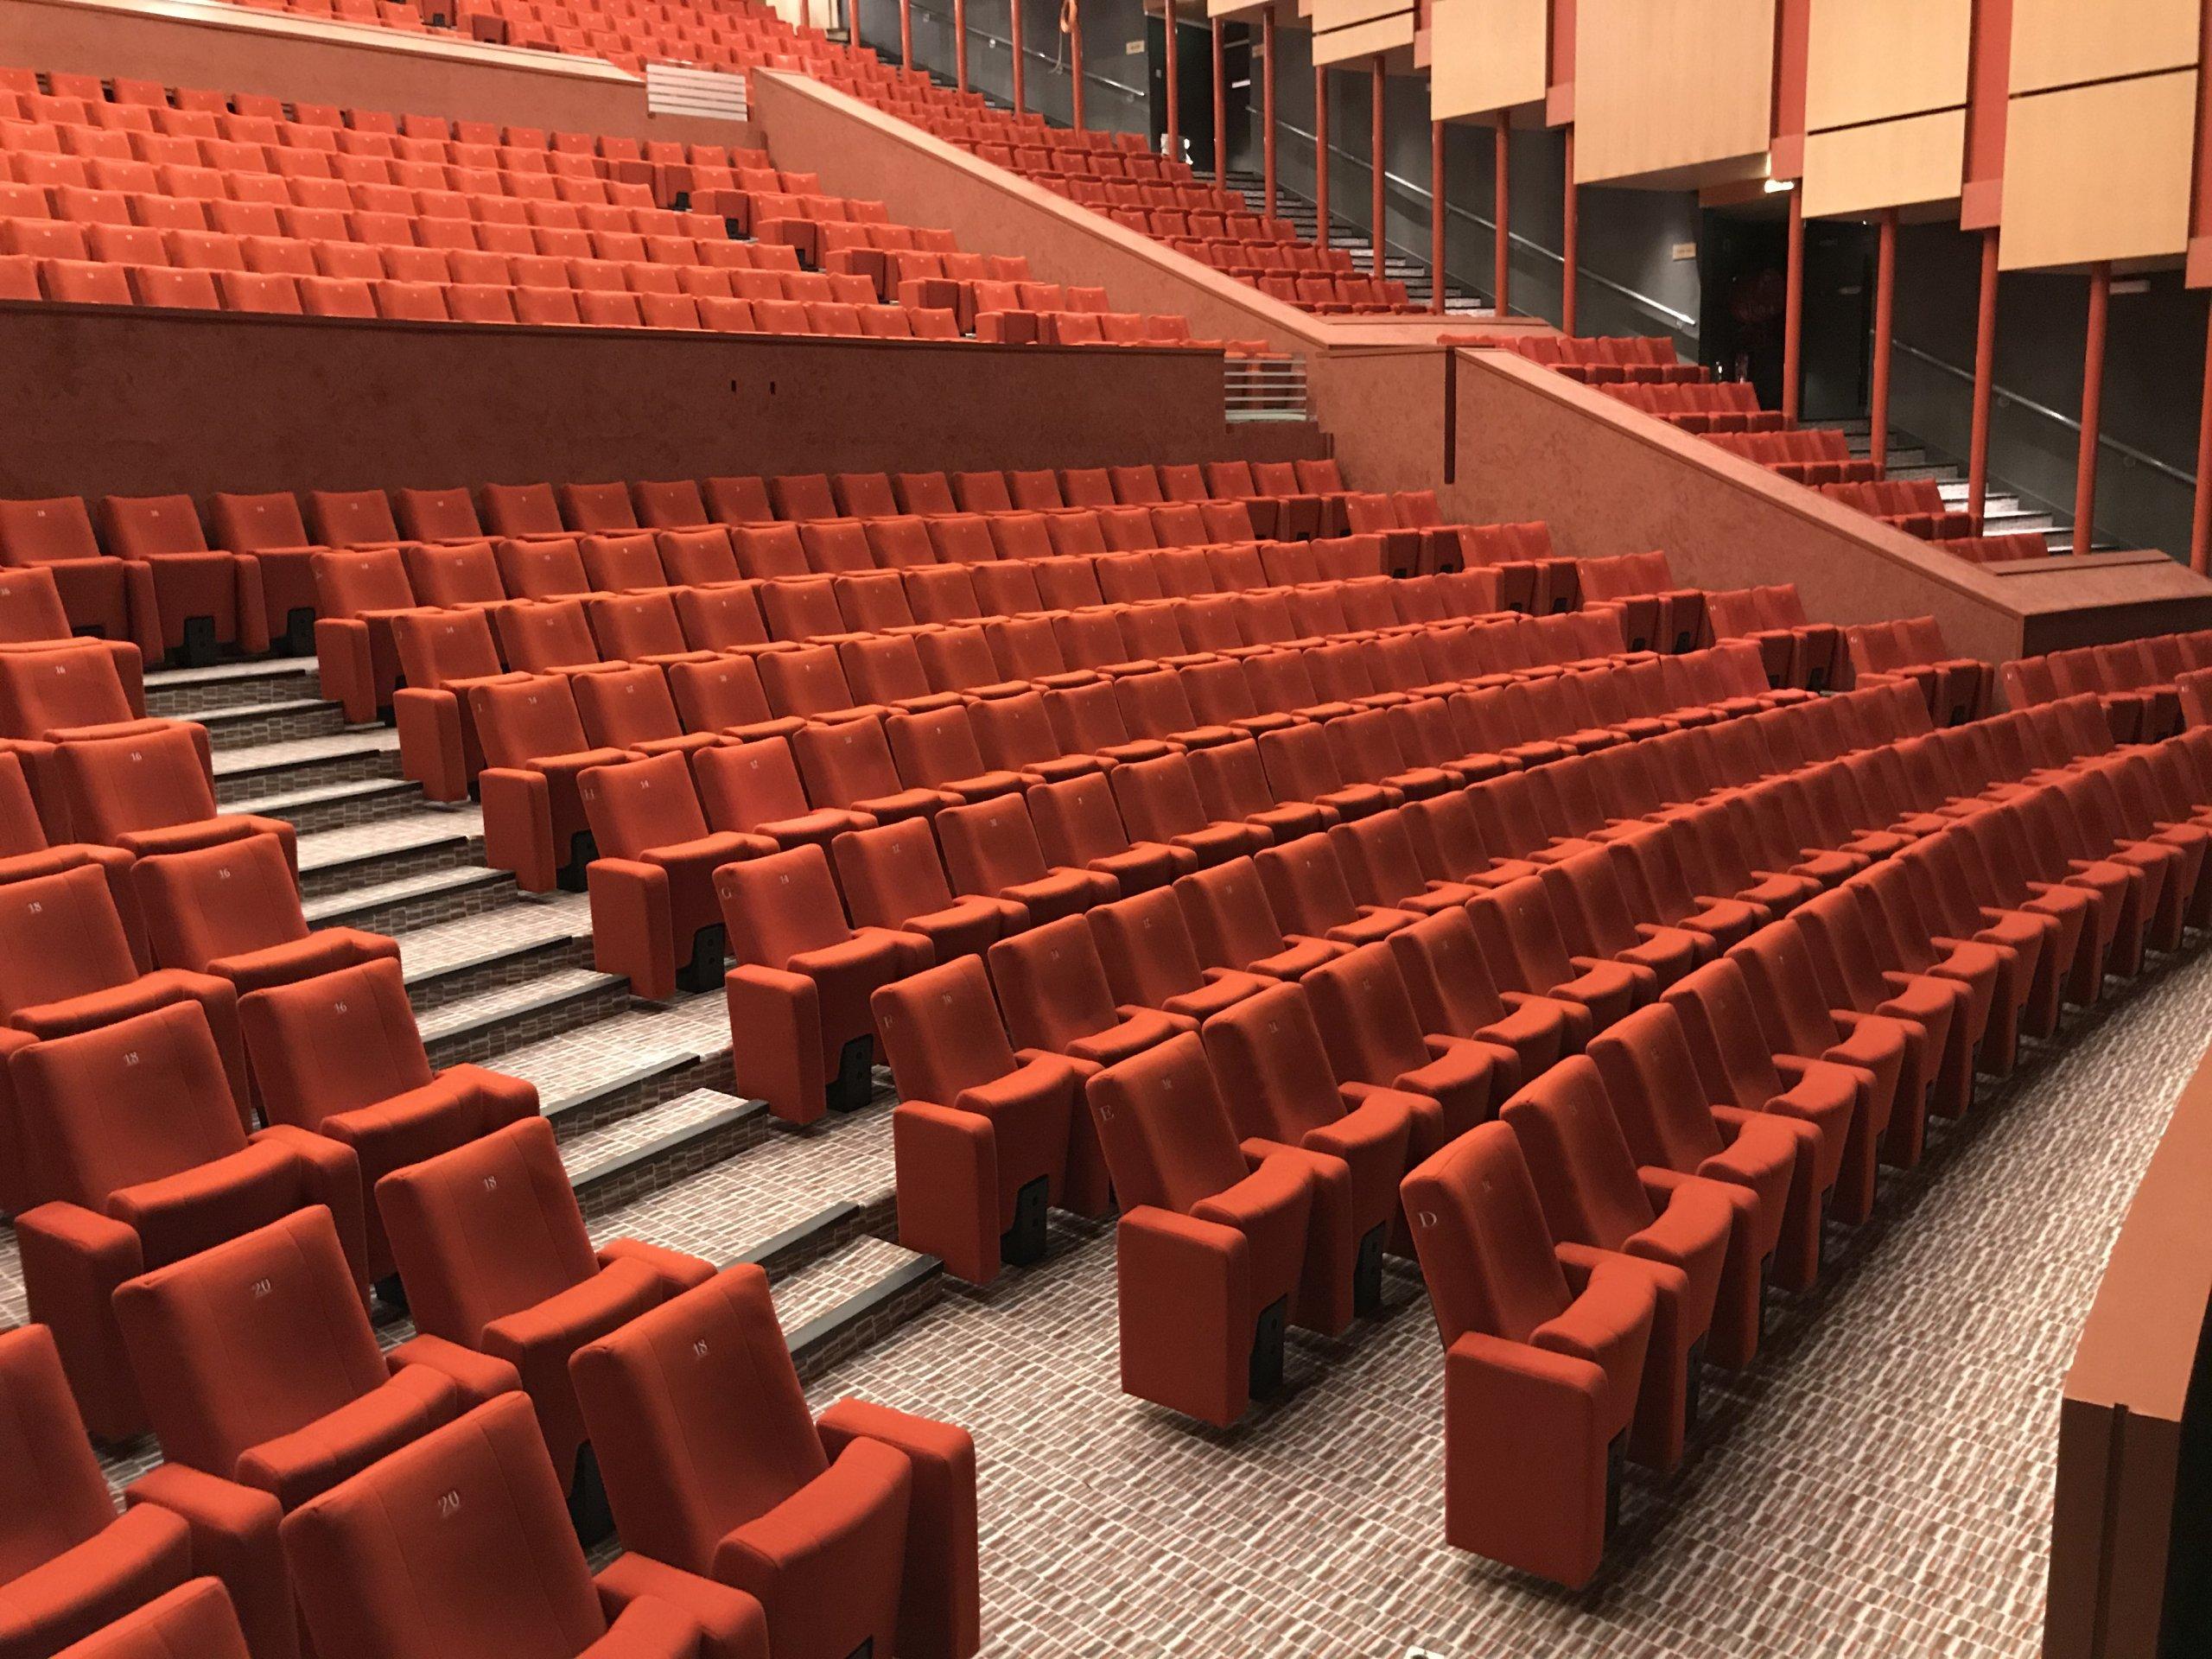 Kleslo - fauteuil Inertie - Leader de fabrication de fauteuils cinéma, théâtre ... Opéra Massy v3